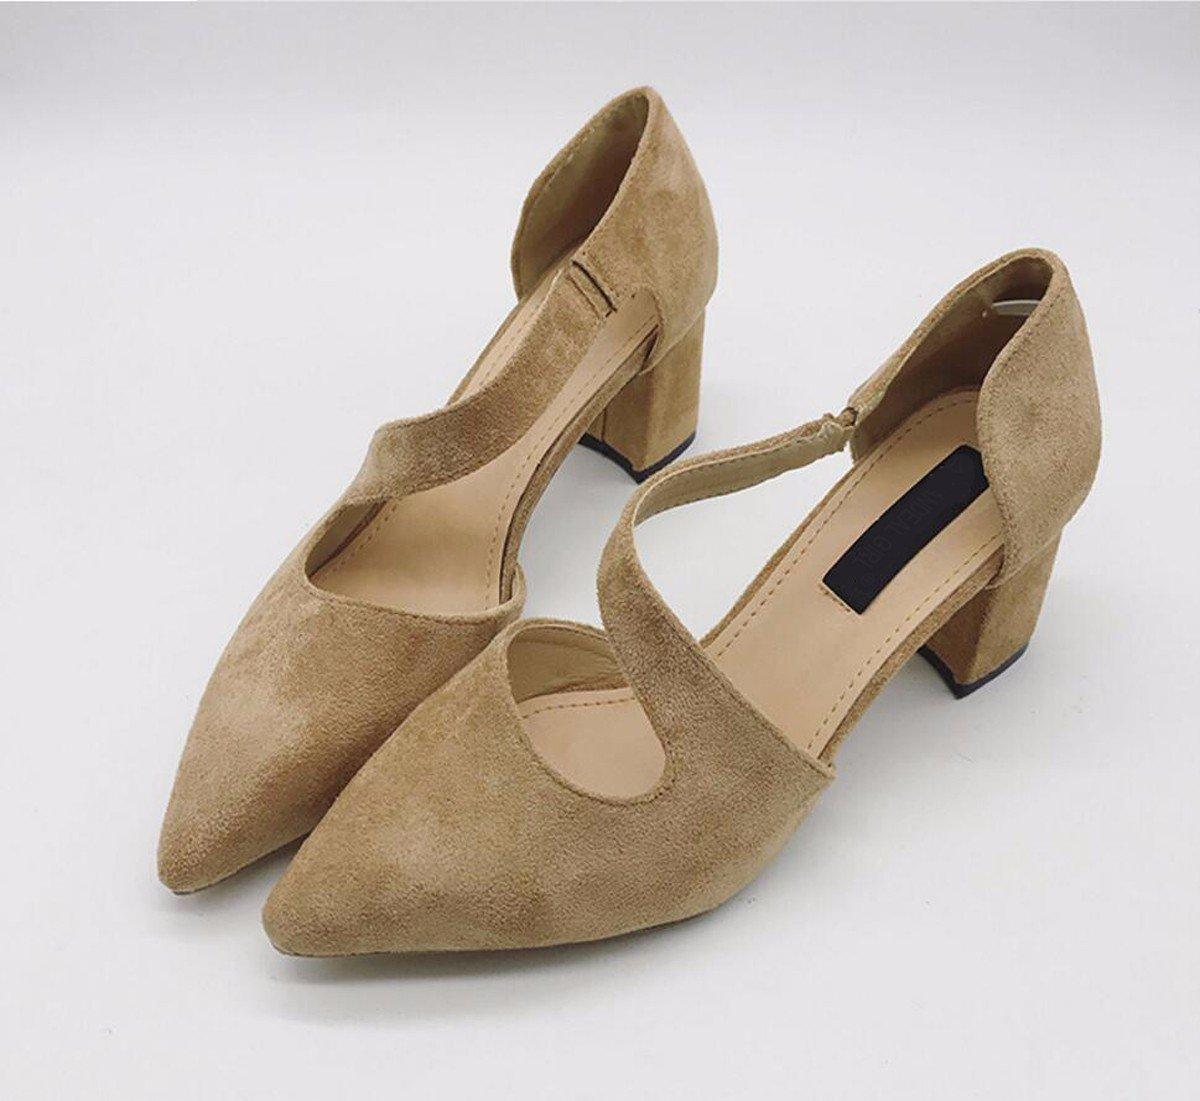 GTVERNH Damenschuhe Sommerschuhe Herbst 6 cm High Heels Einzelne Dünne Schuhe Dünne Einzelne Sohle Lässig Damenschuhe Geeignet Für Große Füße Große Fett Fett Dicke Füße Hoher Innenseite. 6fd55a